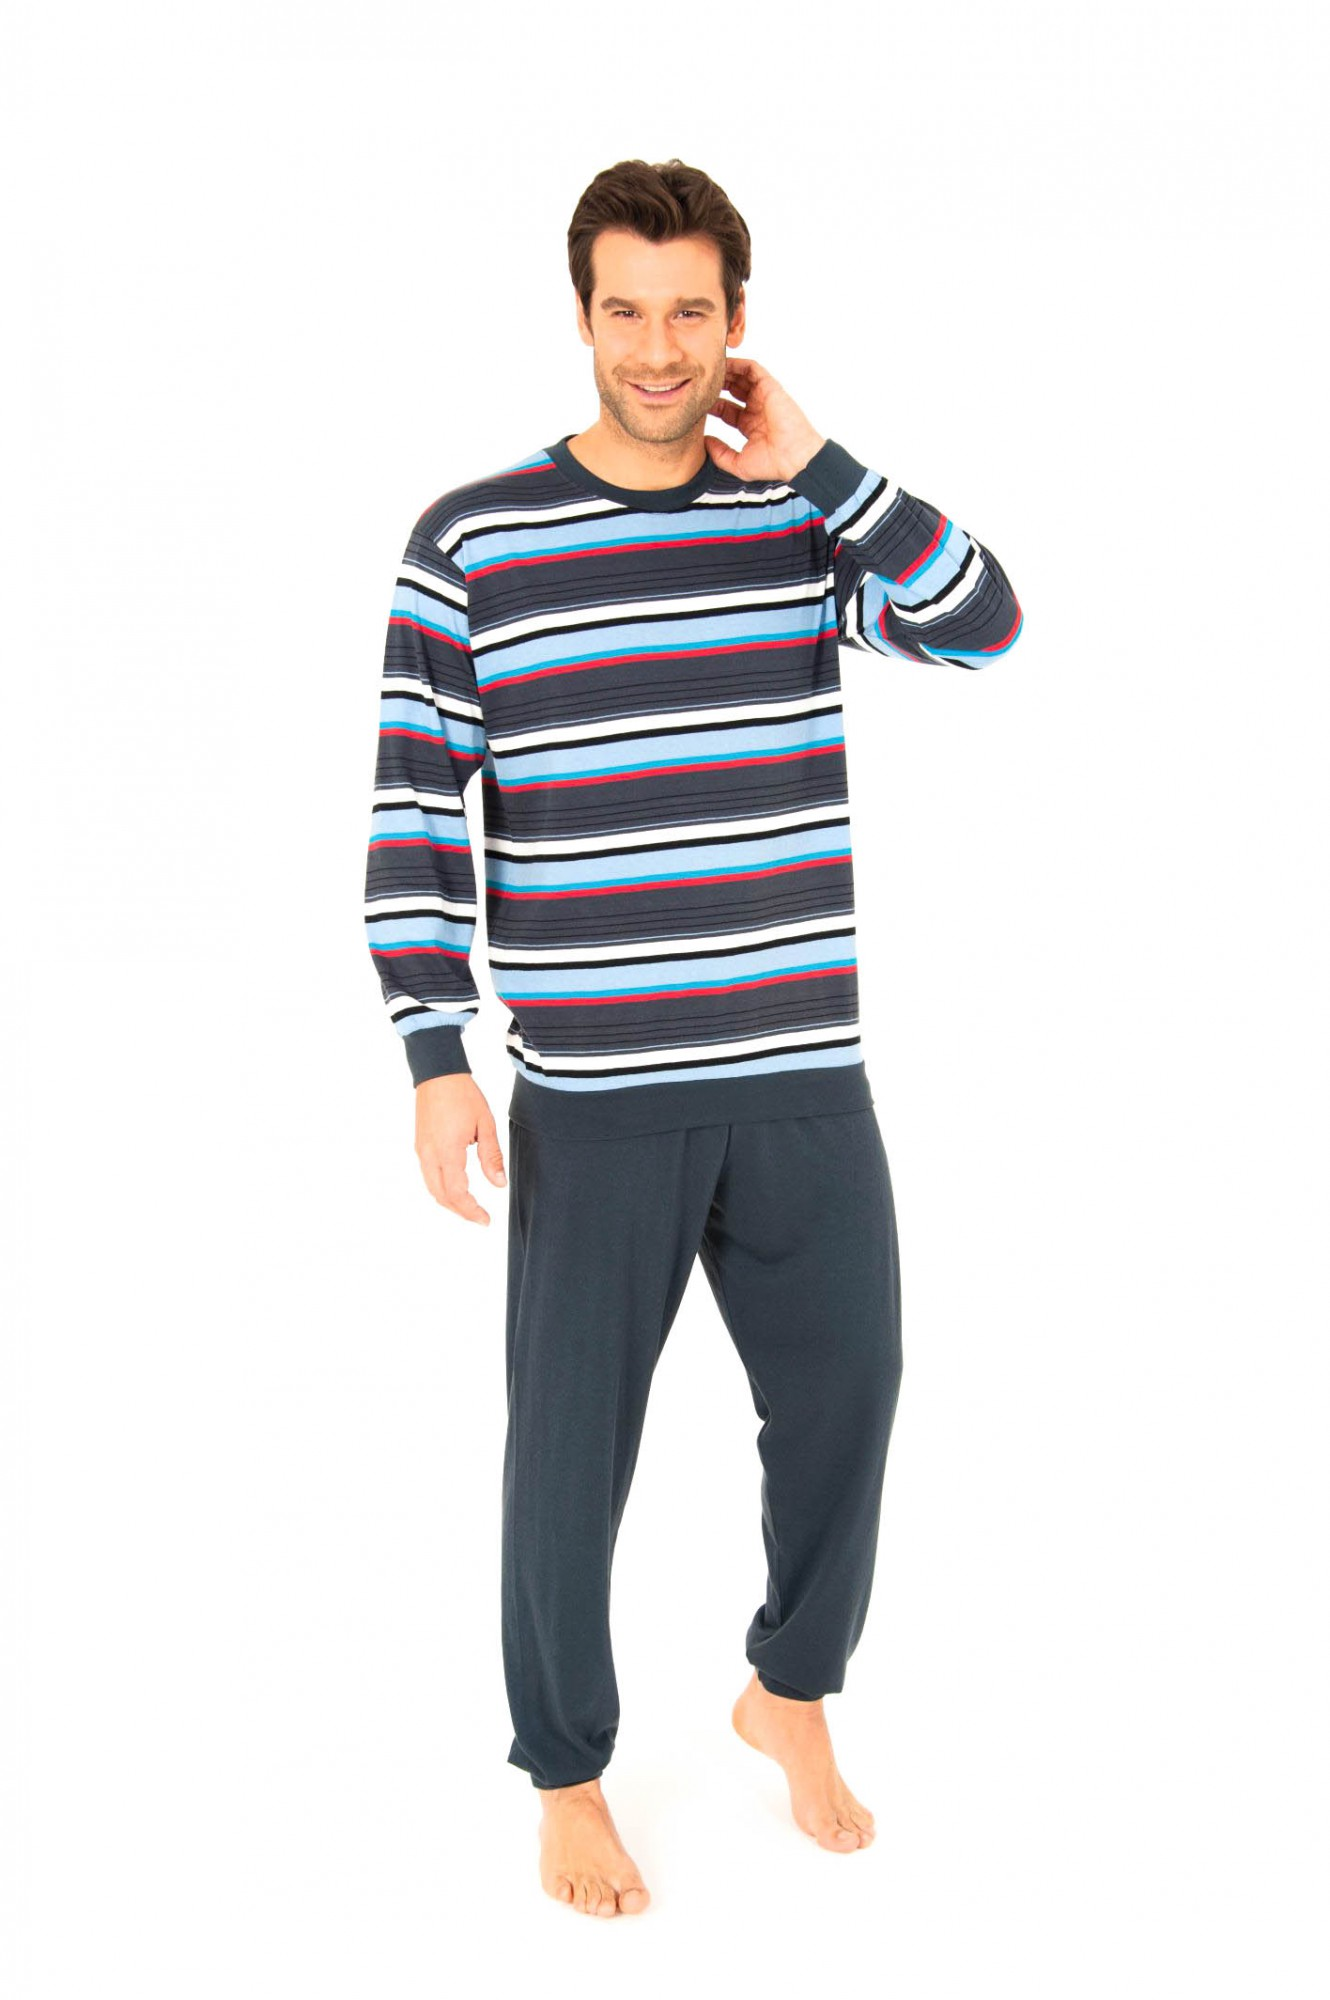 Pyjama lang, Rundhals, mit Bündchen, Ringeldesign, 251 101 90 745